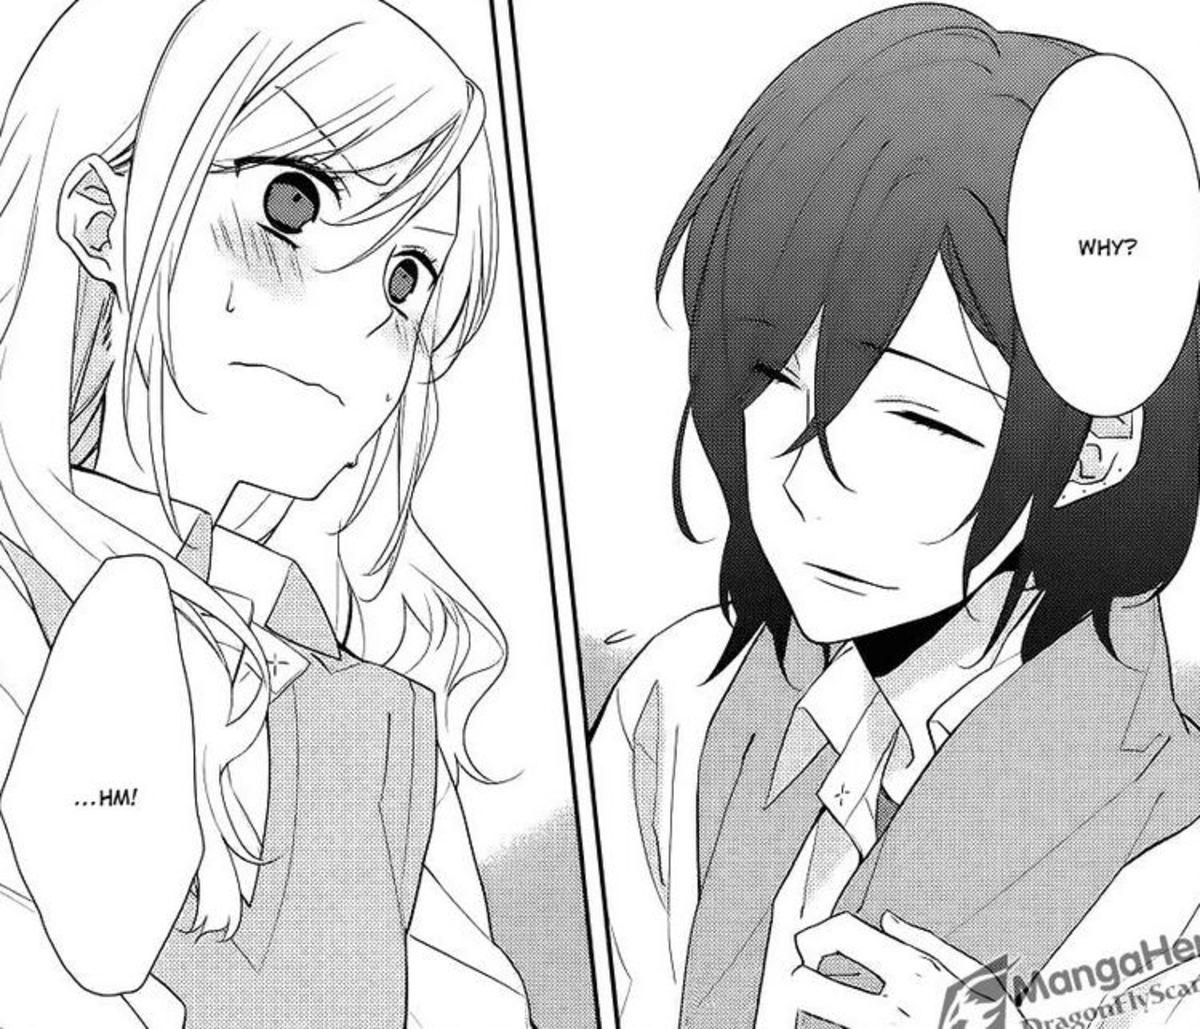 Kyouko and Izumi